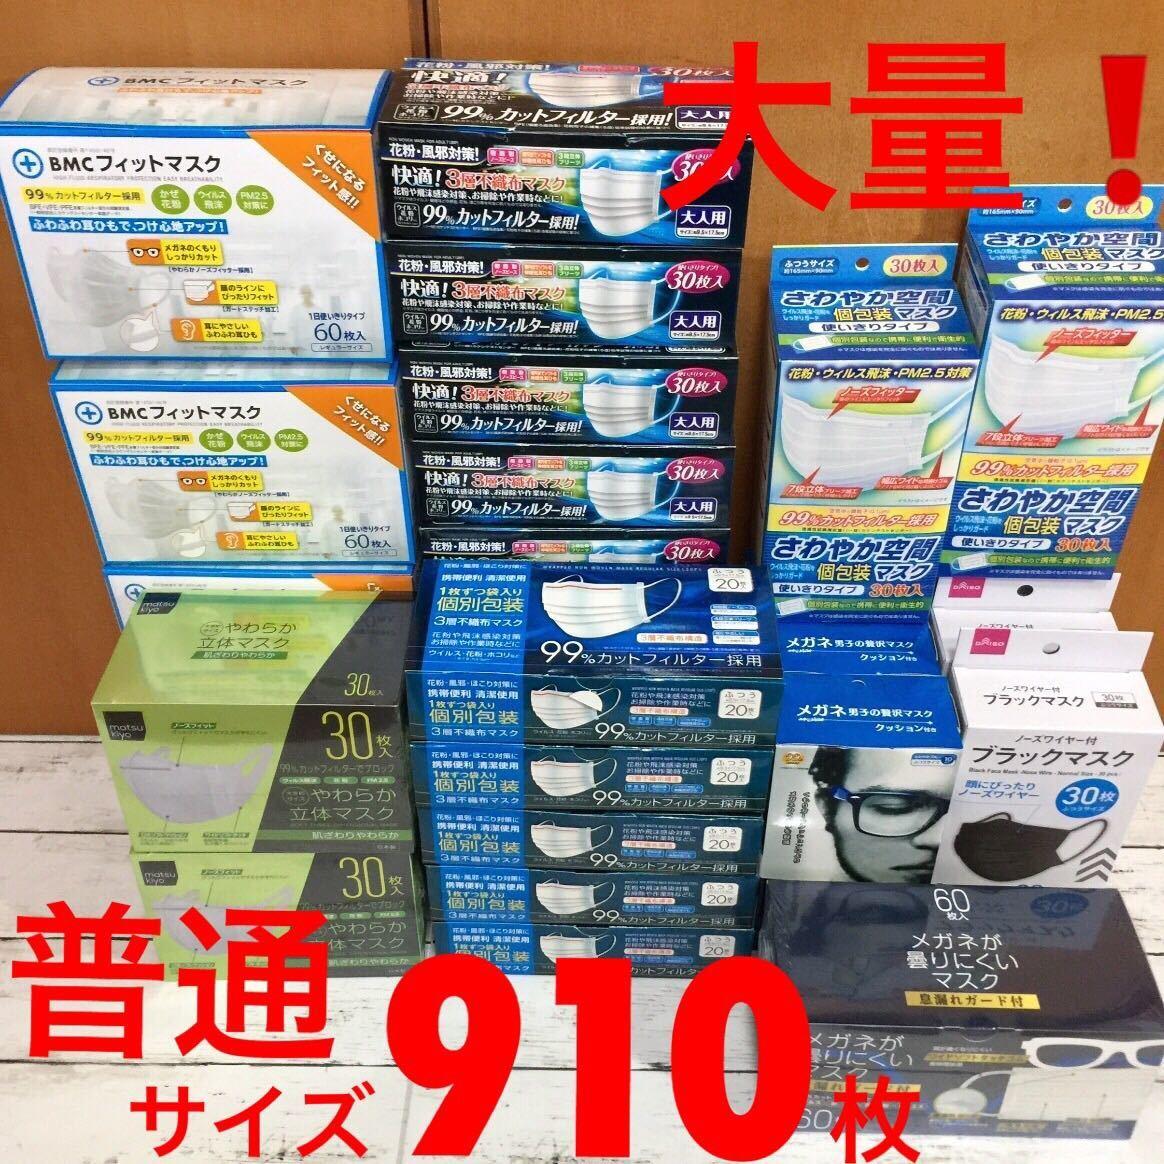 送料無料 全て普通サイズ ウィルス対策 マスク 合計910枚(29箱) サージカルマスク 飛沫感染防止 大量まとめ売り